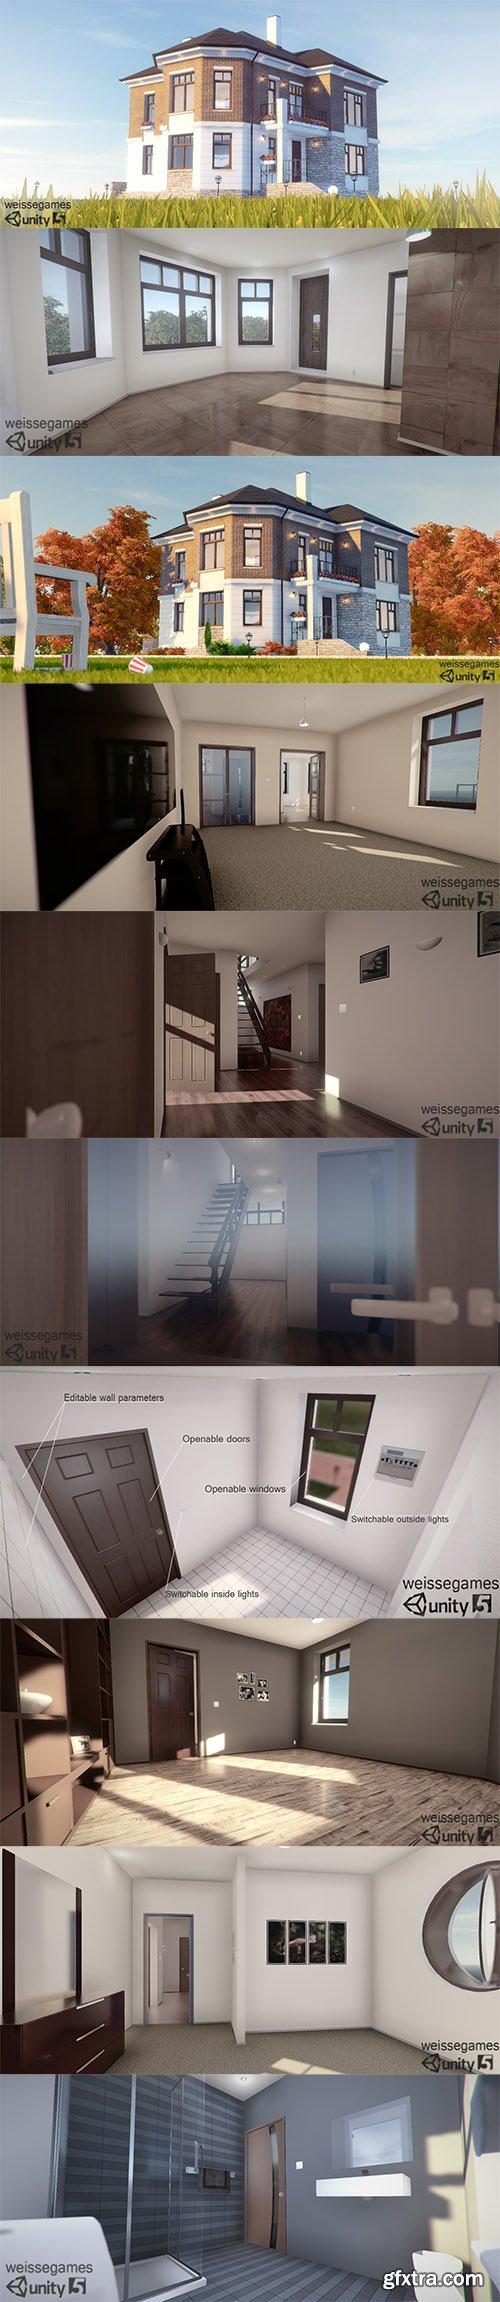 Cubebrush - Cottage | Unity 5